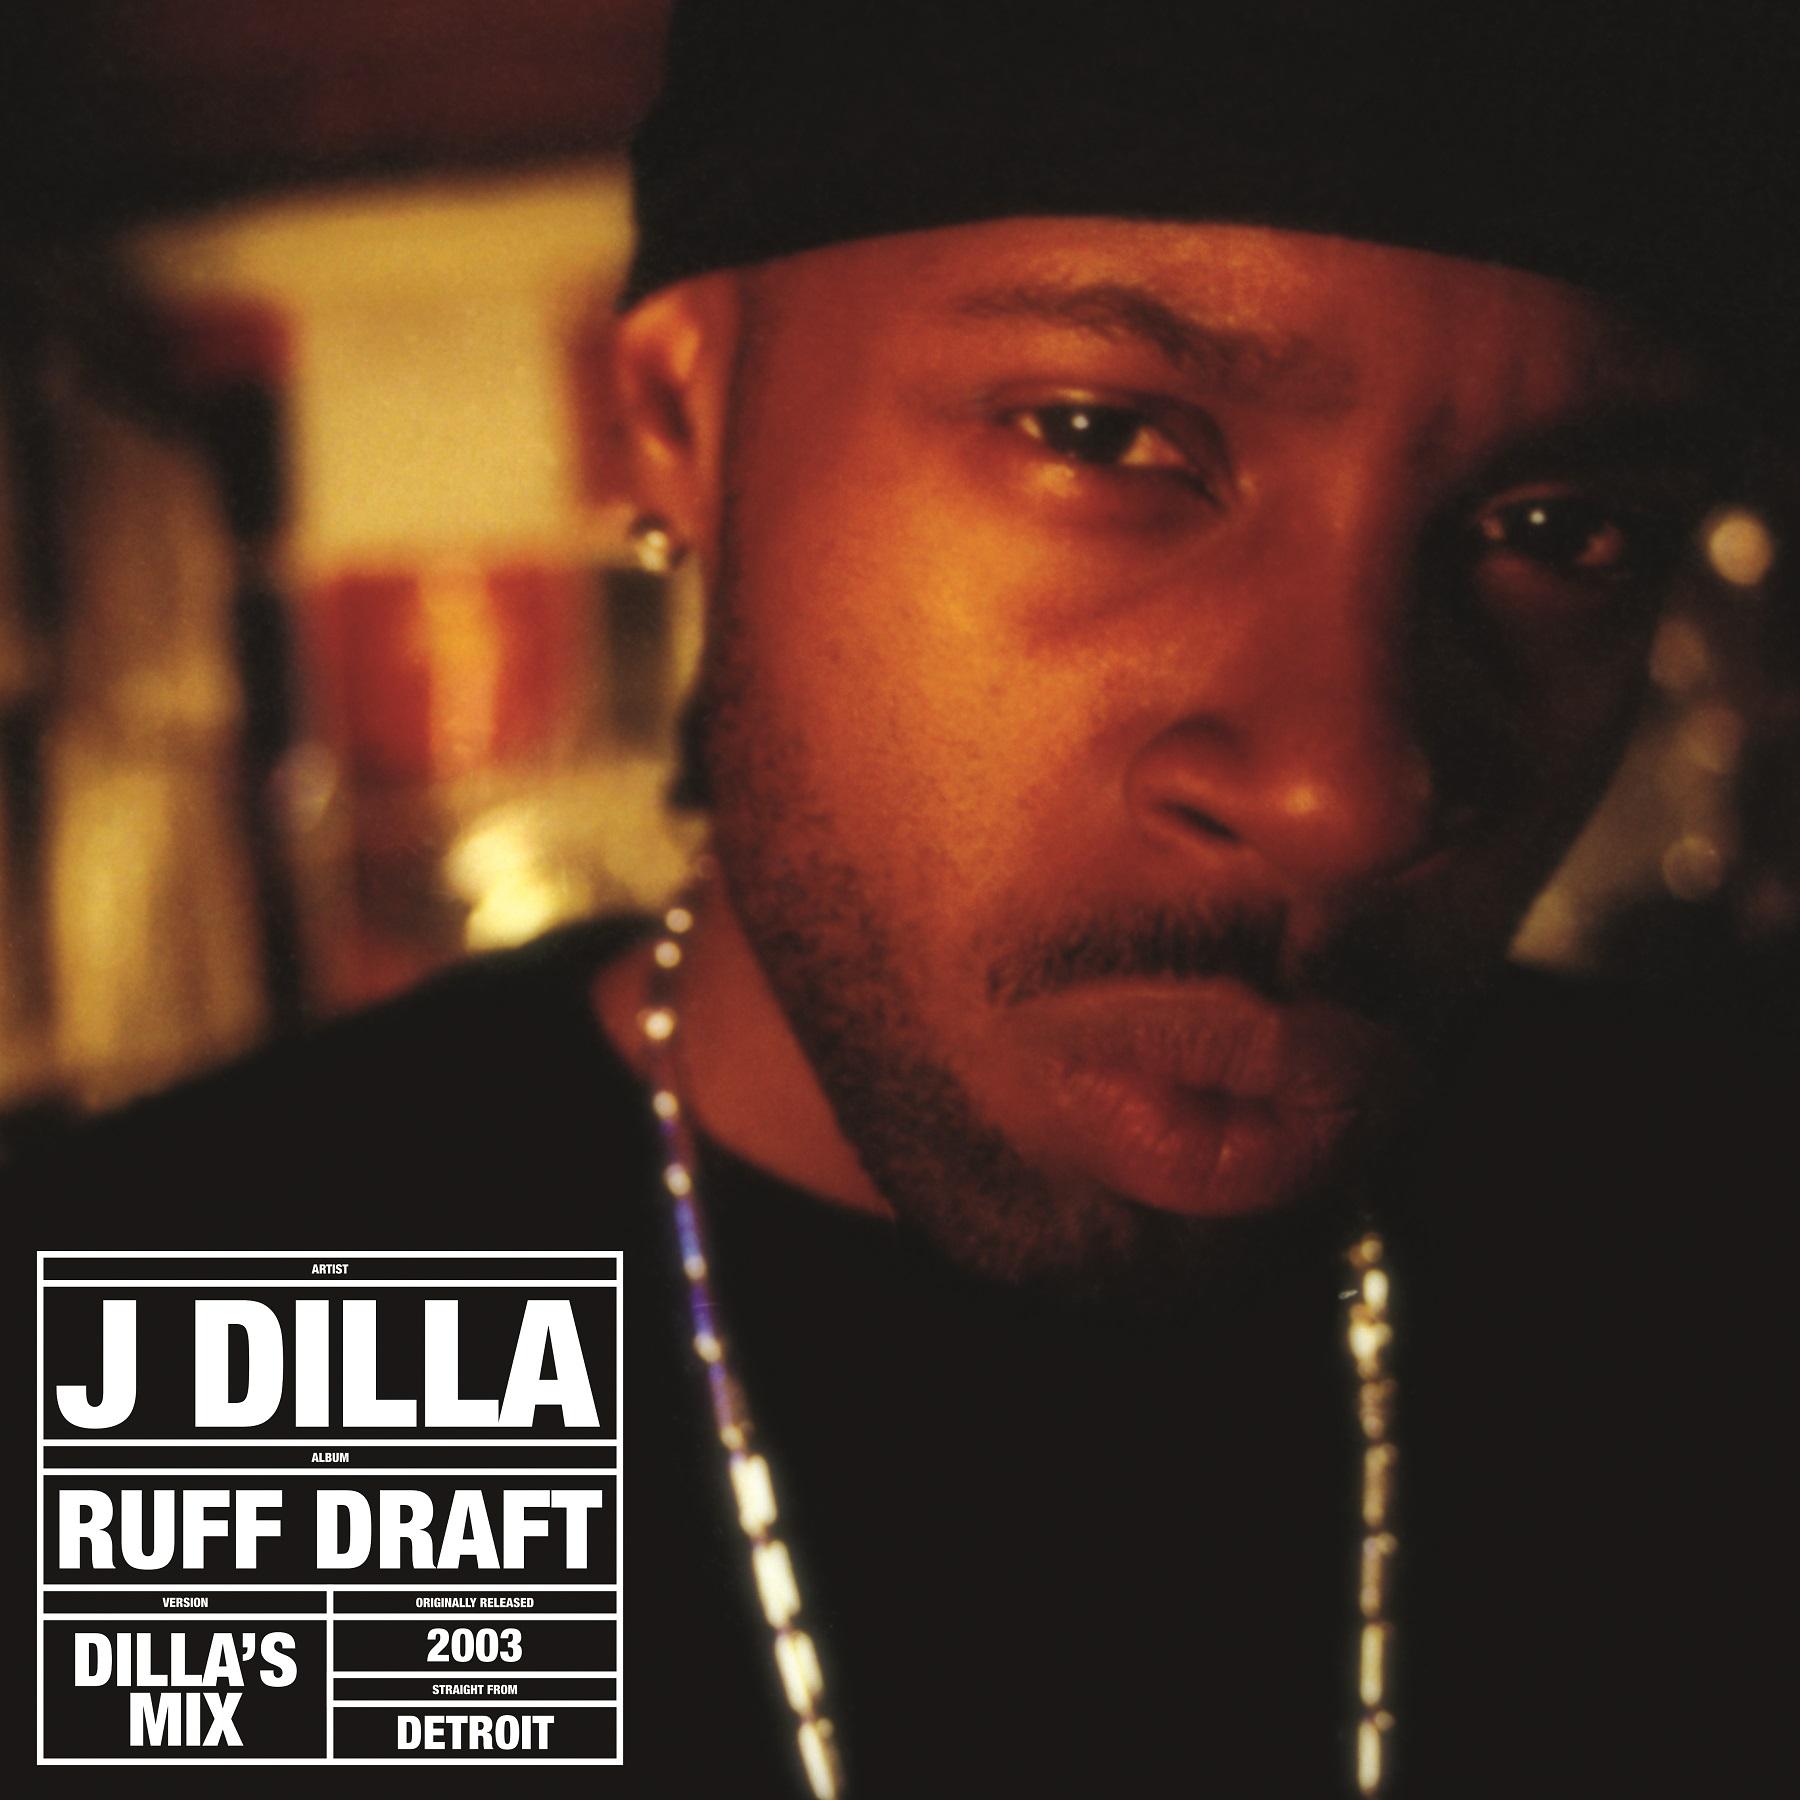 J DILLA | 'Ruff Draft: Dilla's Mix' 2xLP